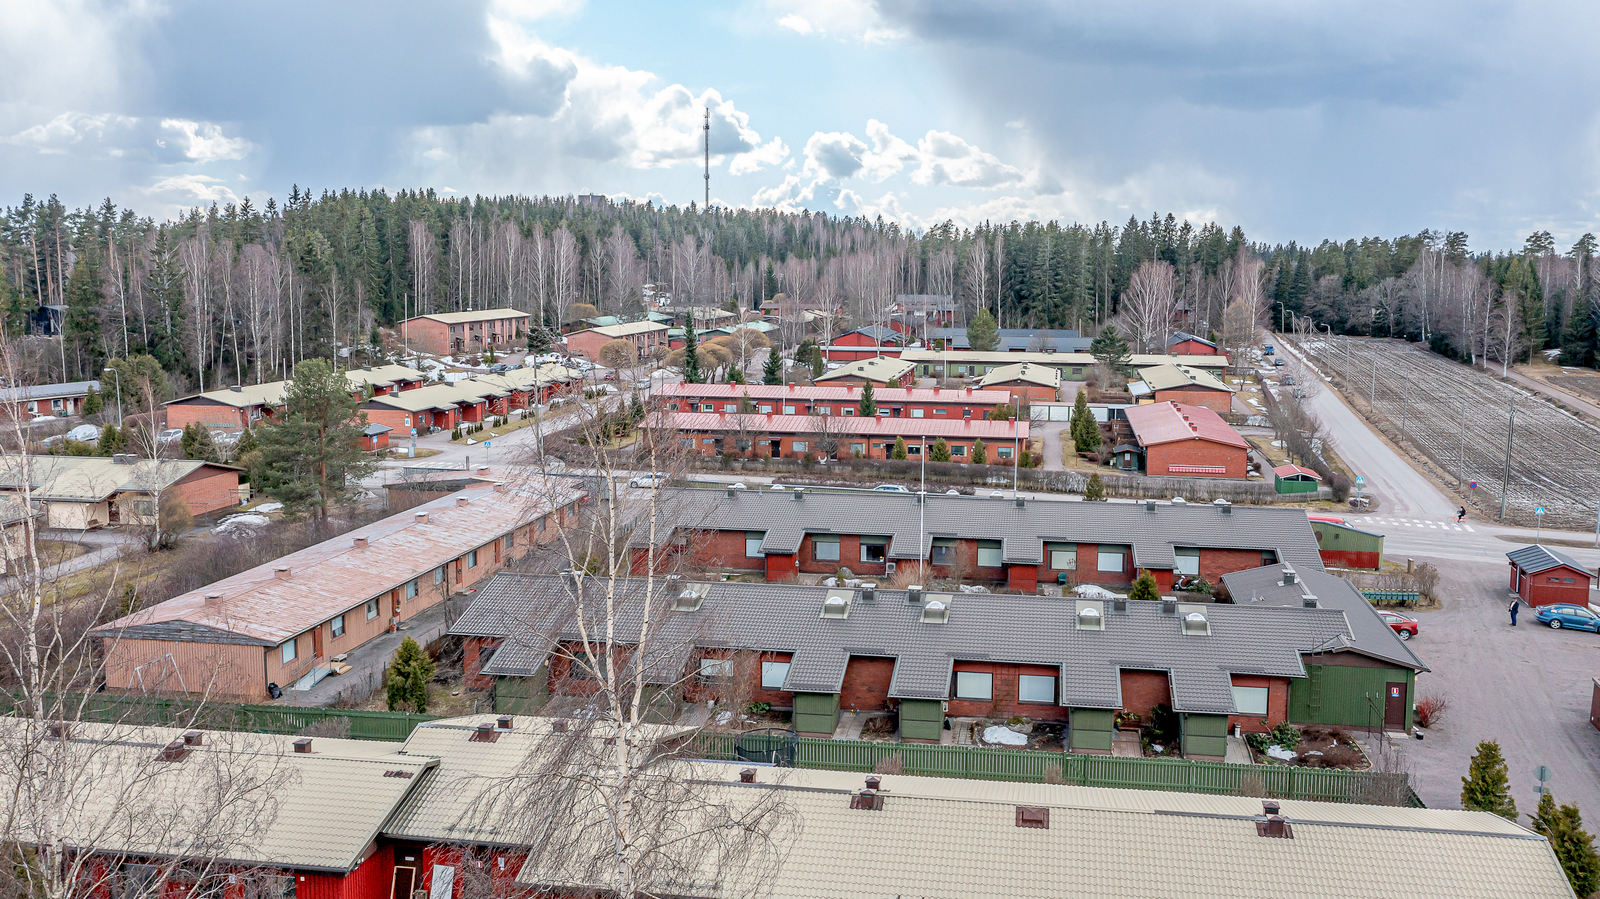 Keskustan alue, Mäntsälä